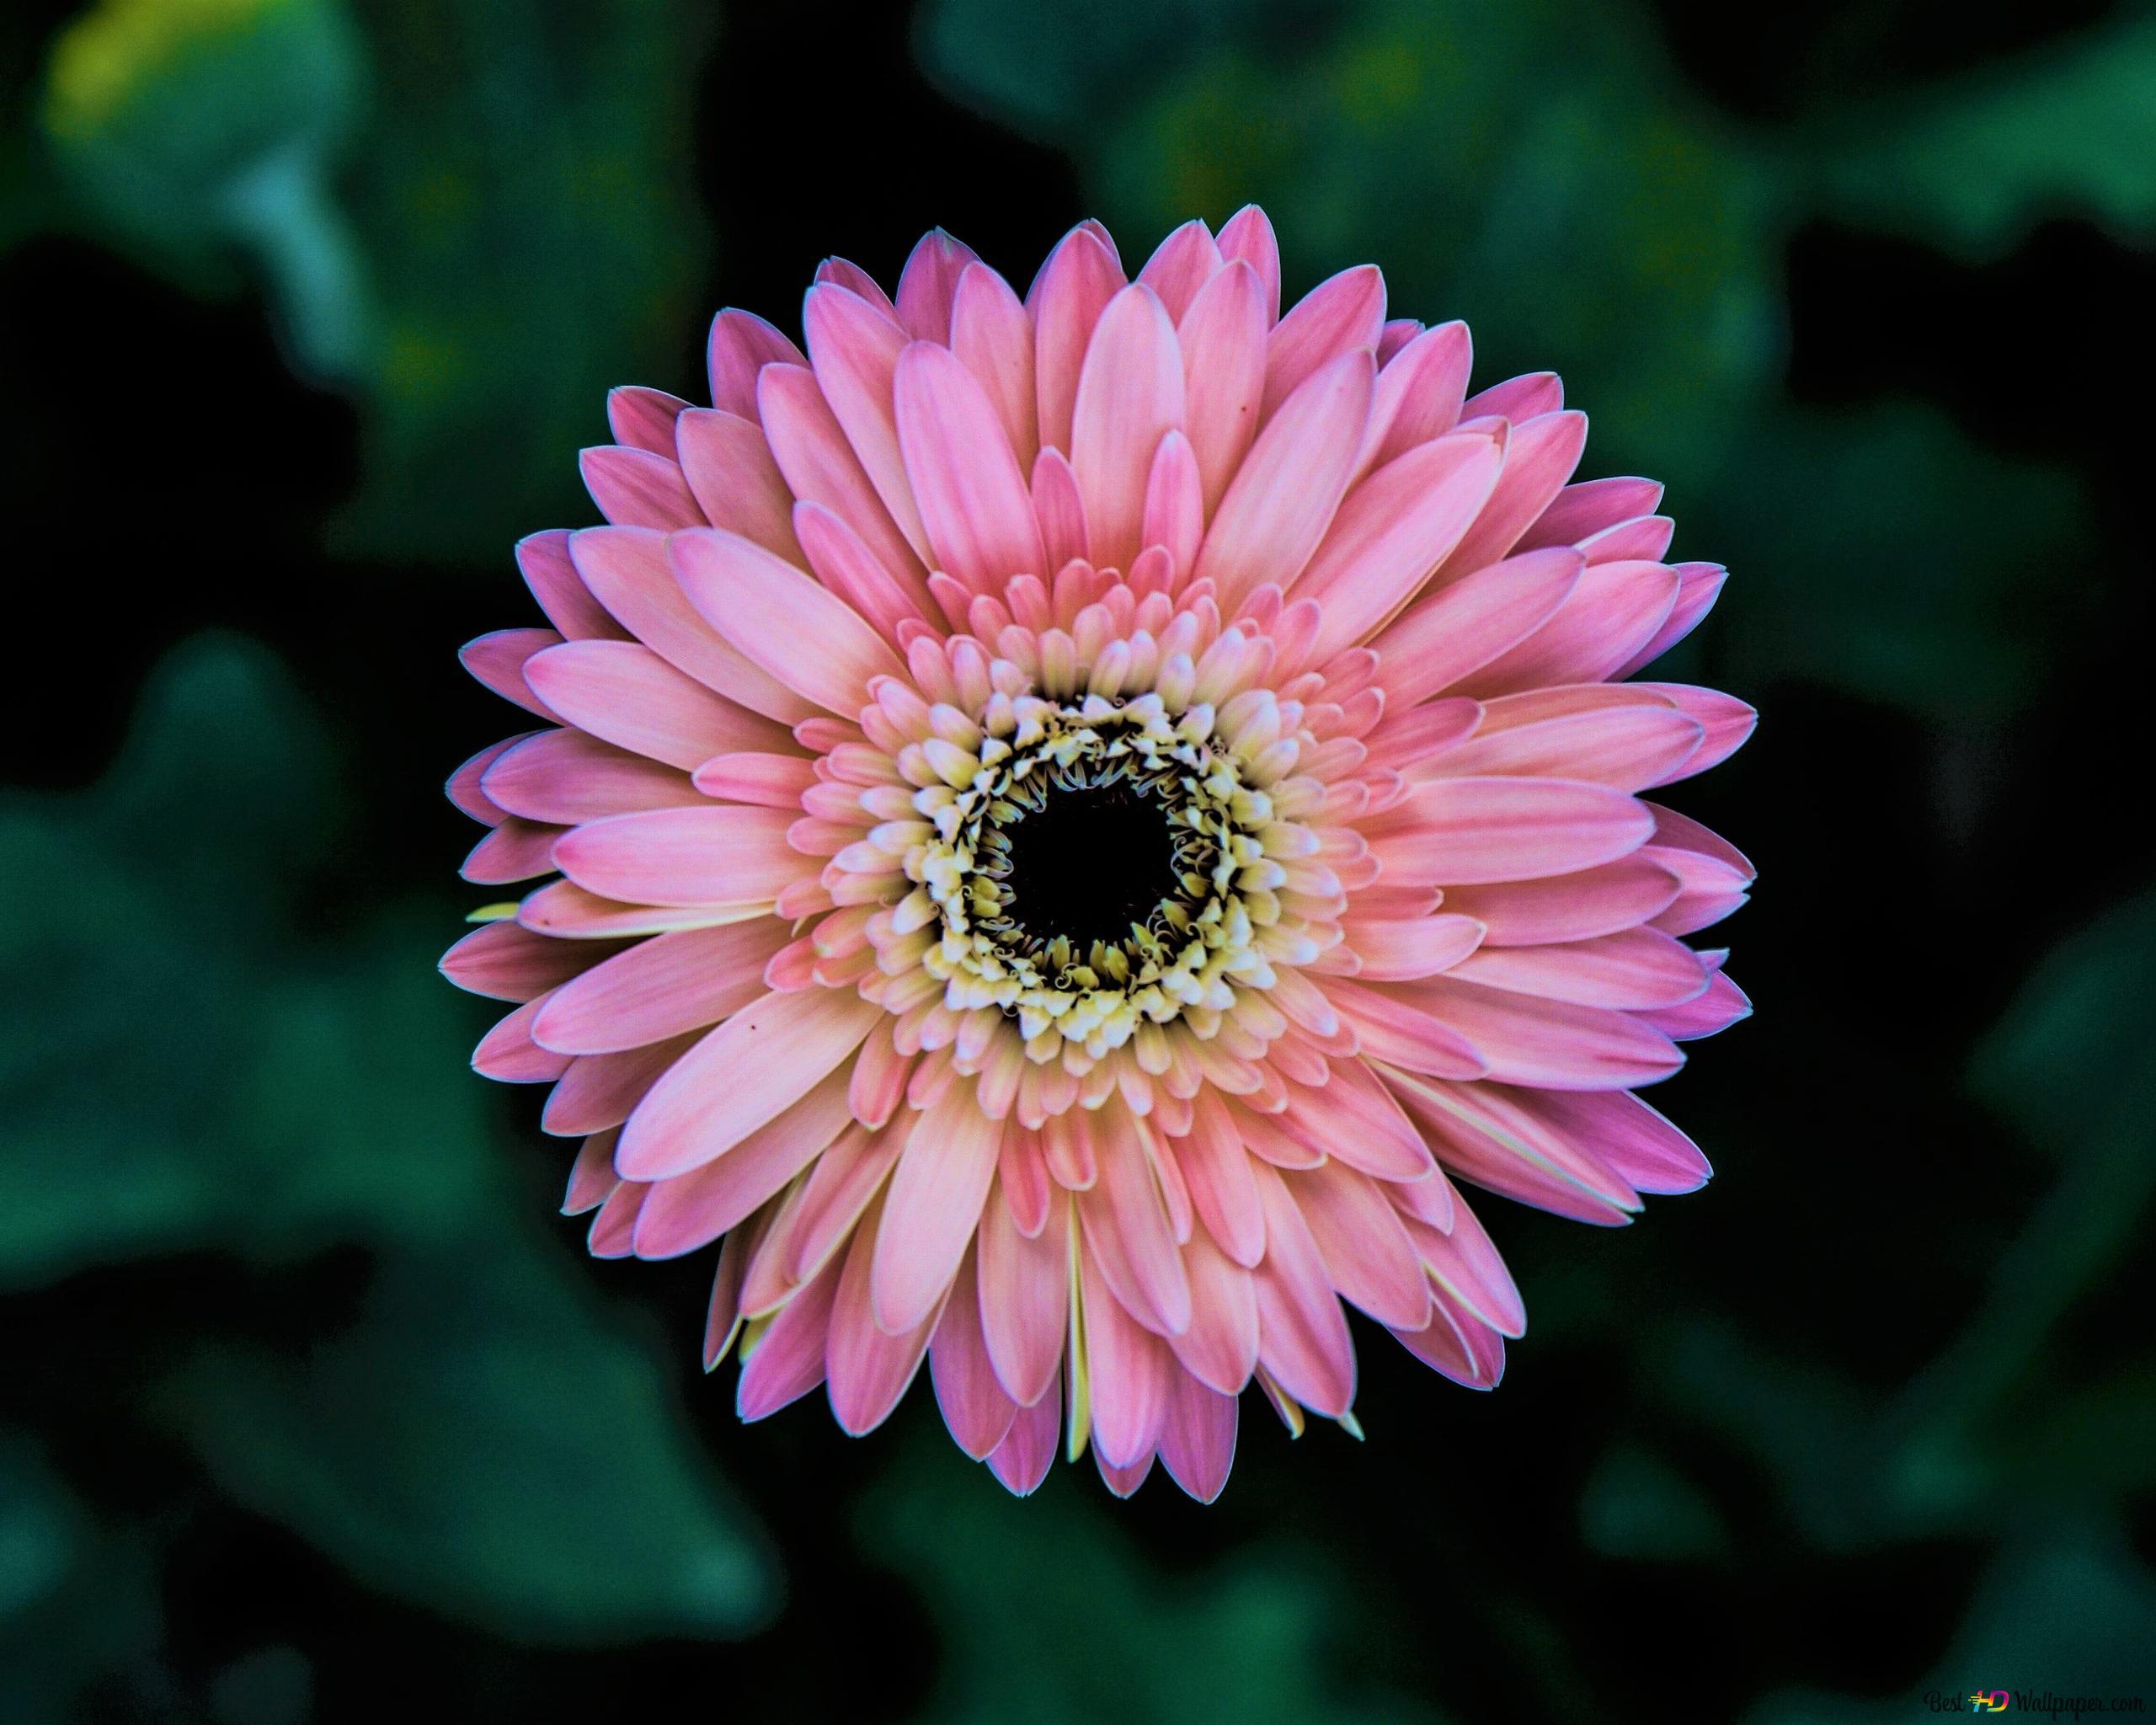 ピンクのガーベラの花 Hd壁紙のダウンロード